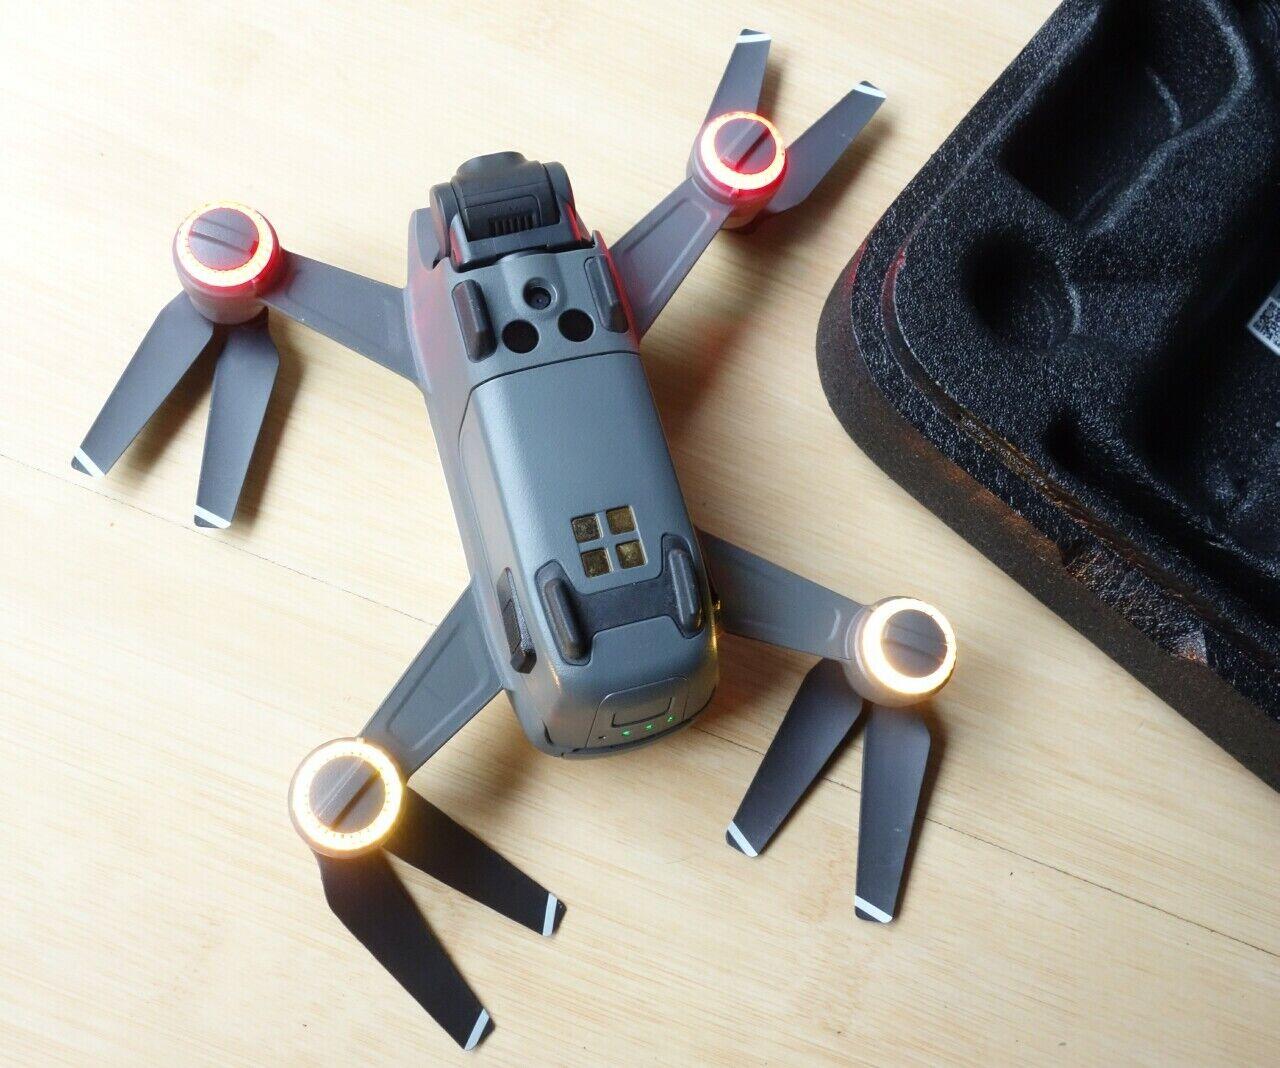 DJI ✨ SPARK Alpine Weiß Quadrocopter Kamera-Drohne MM1A ⭐ fast NEU +Transportbox